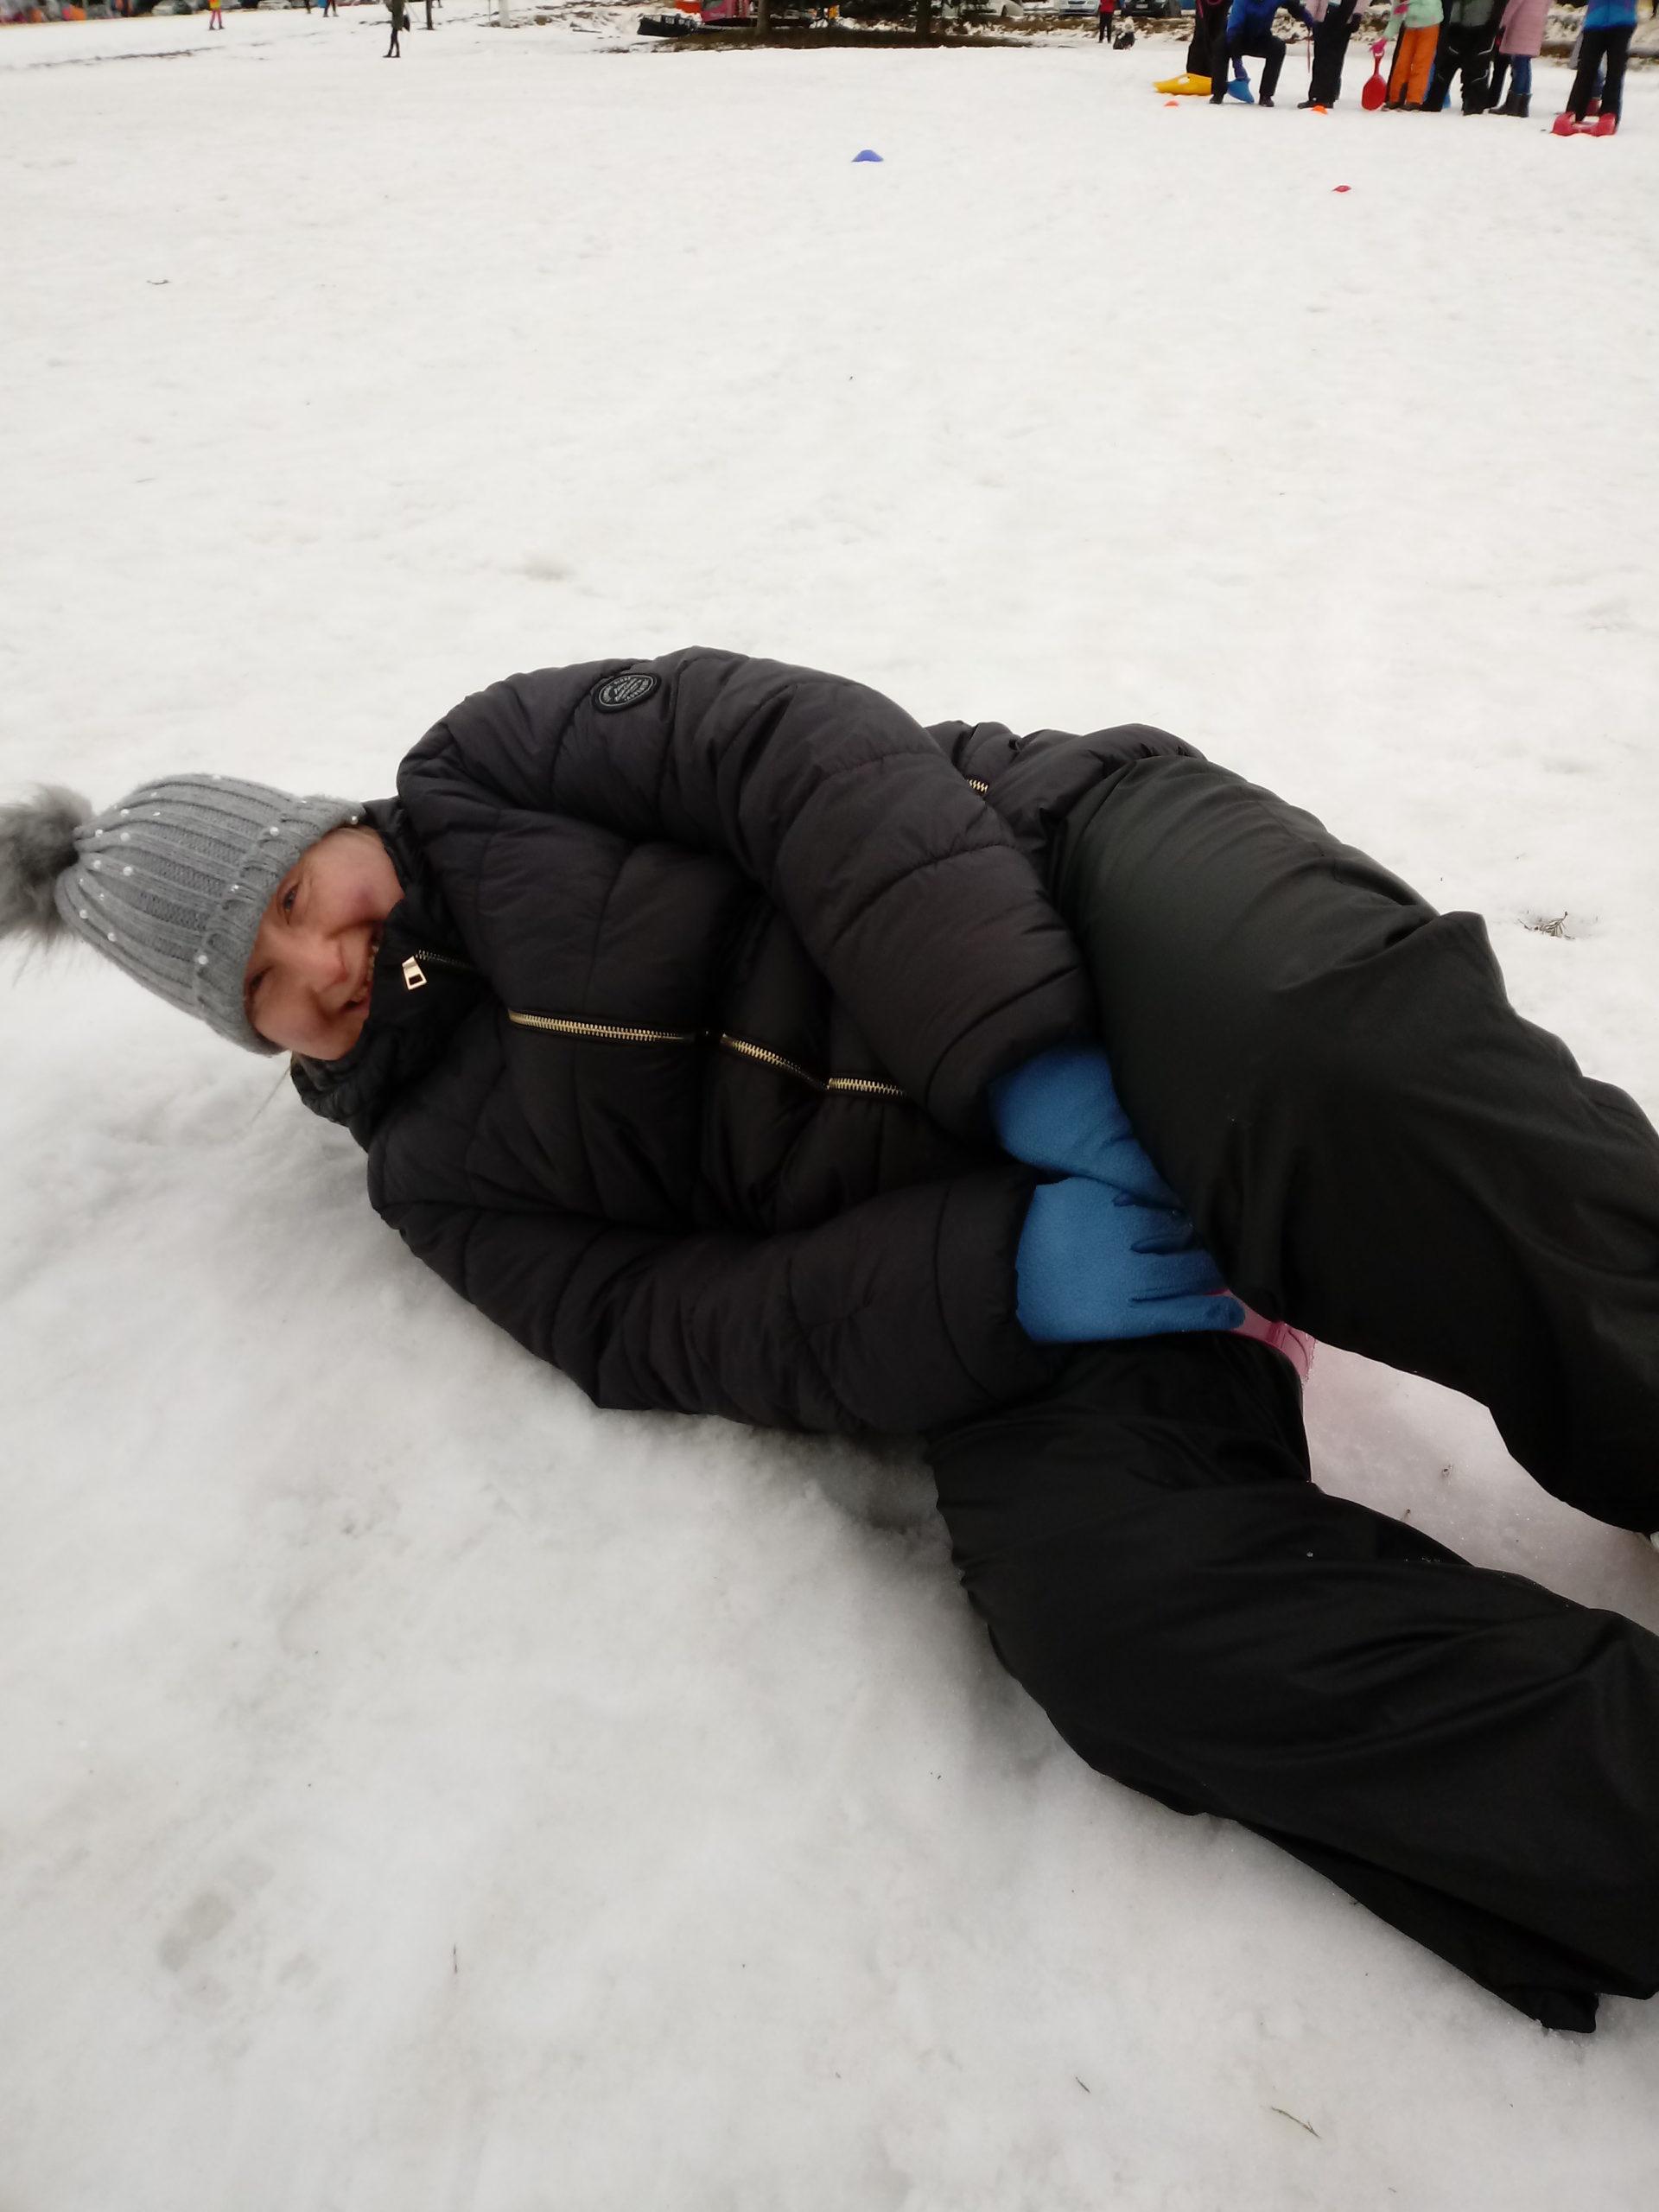 zimowe warsztaty Duszniki Zdrój 2020